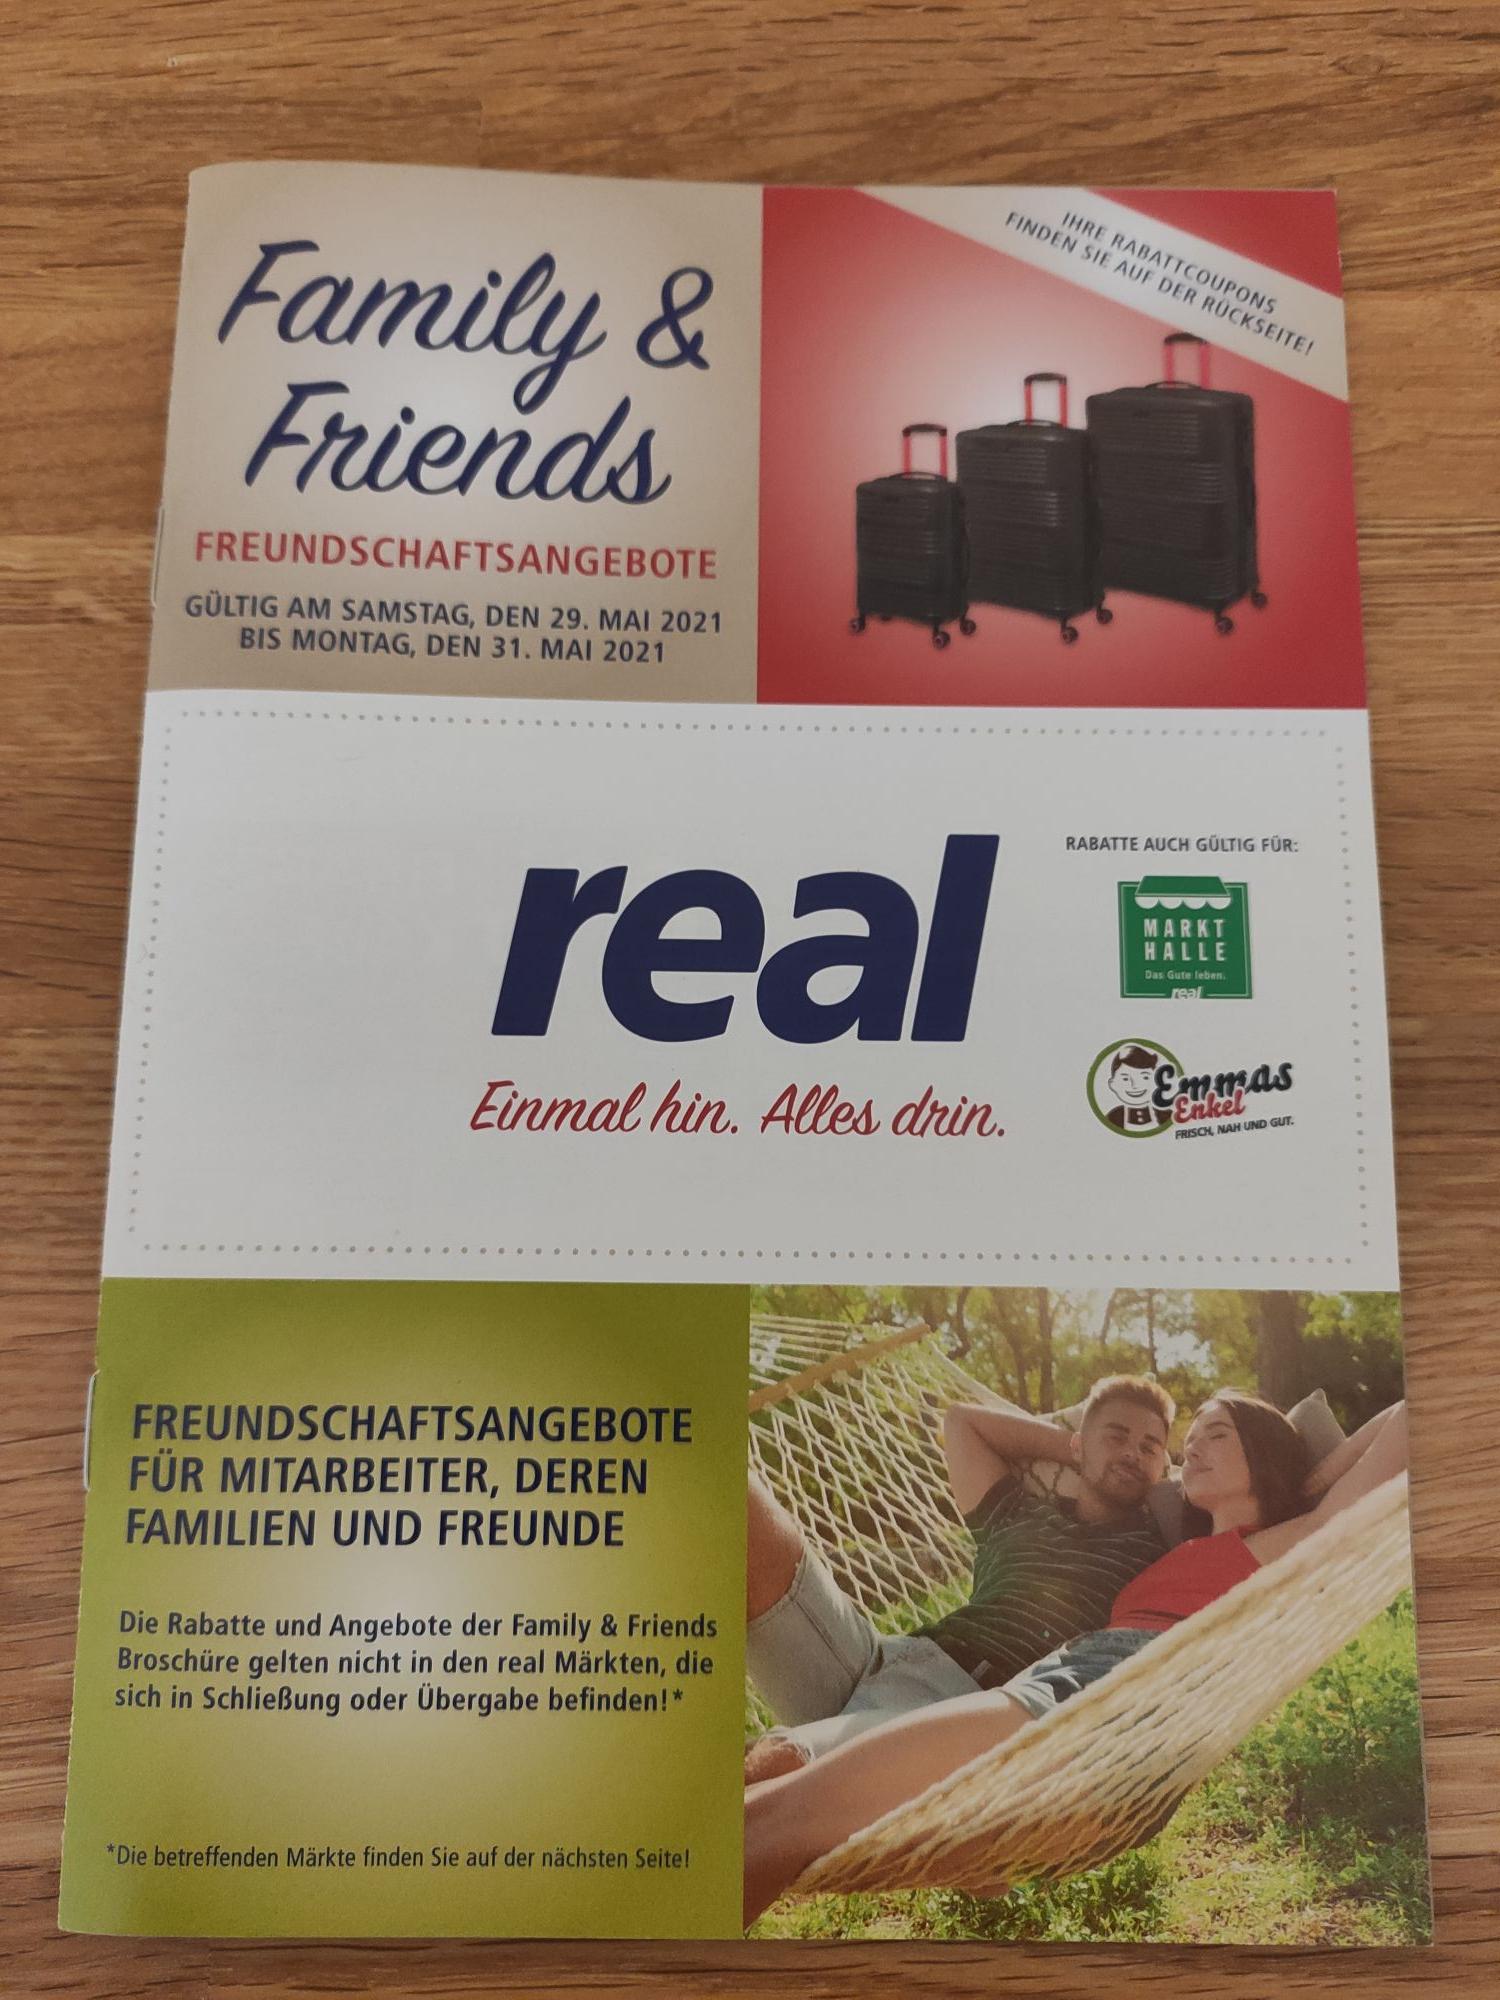 [real family&friends 29.05.-31.05.] u.a. 20% auf Fernseher/Tablets/Smartphones, 30% auf Haushaltsgroßgeräte